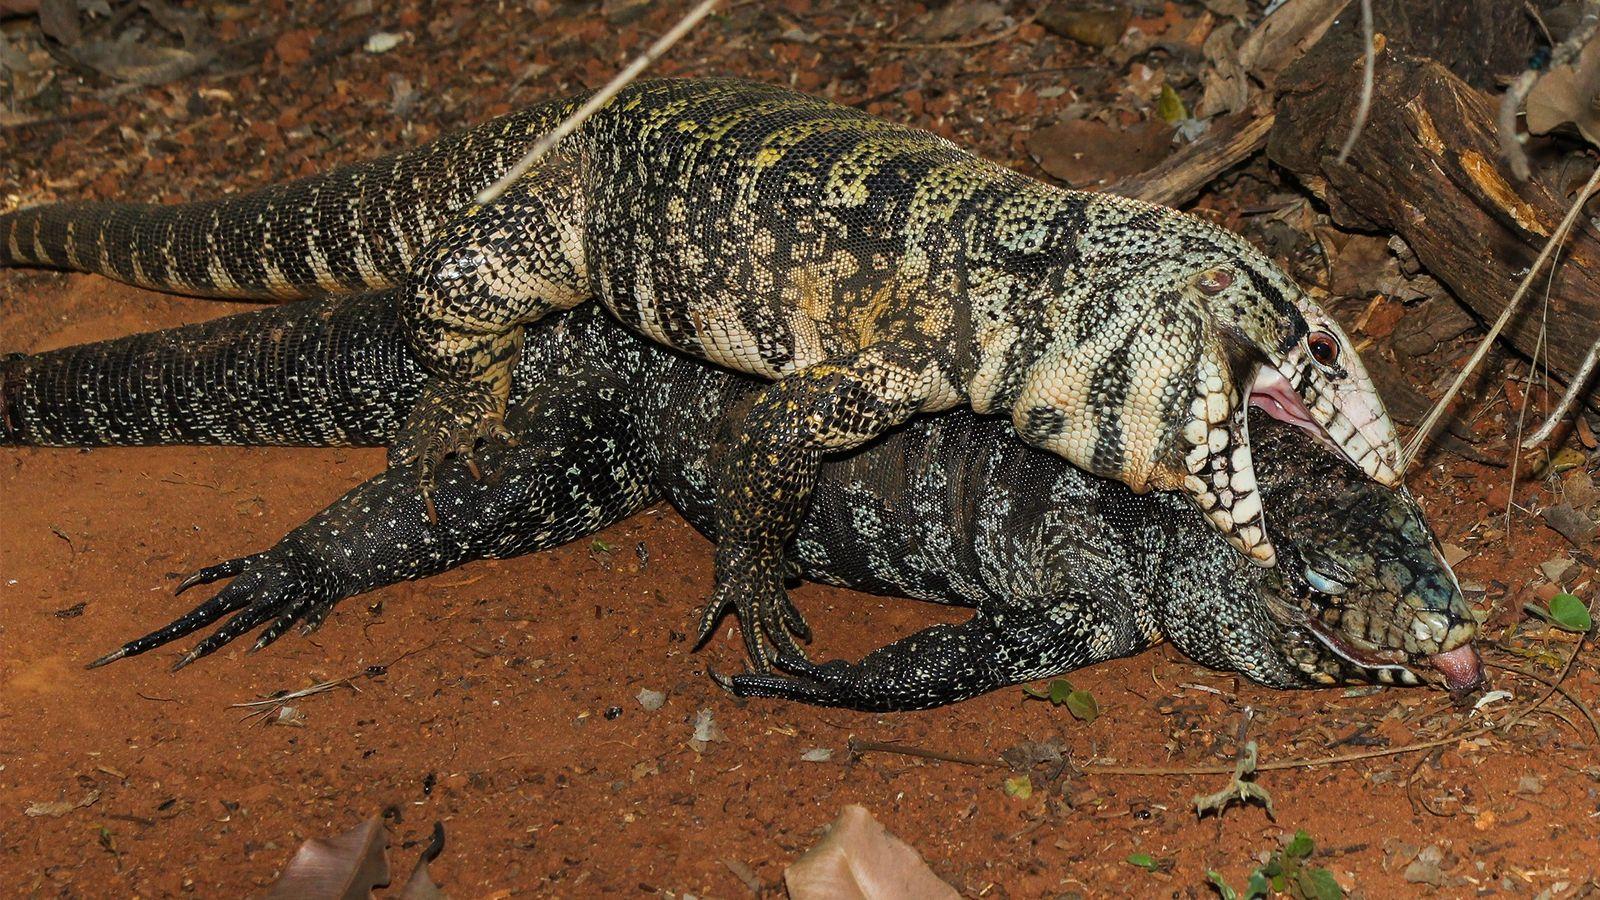 Ein männlicher Schwarzweißer Teju öffnet das Maul und versucht, sich mit einem Weibchen zu paaren, das ...